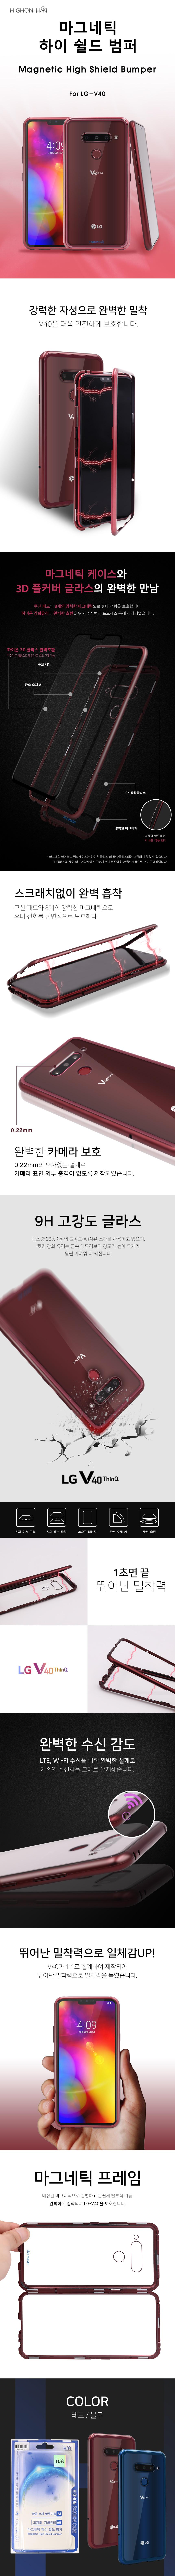 LG V40 마그네틱 하이 쉴드 범퍼케이스 (V400) - 하이온, 19,000원, 케이스, V40